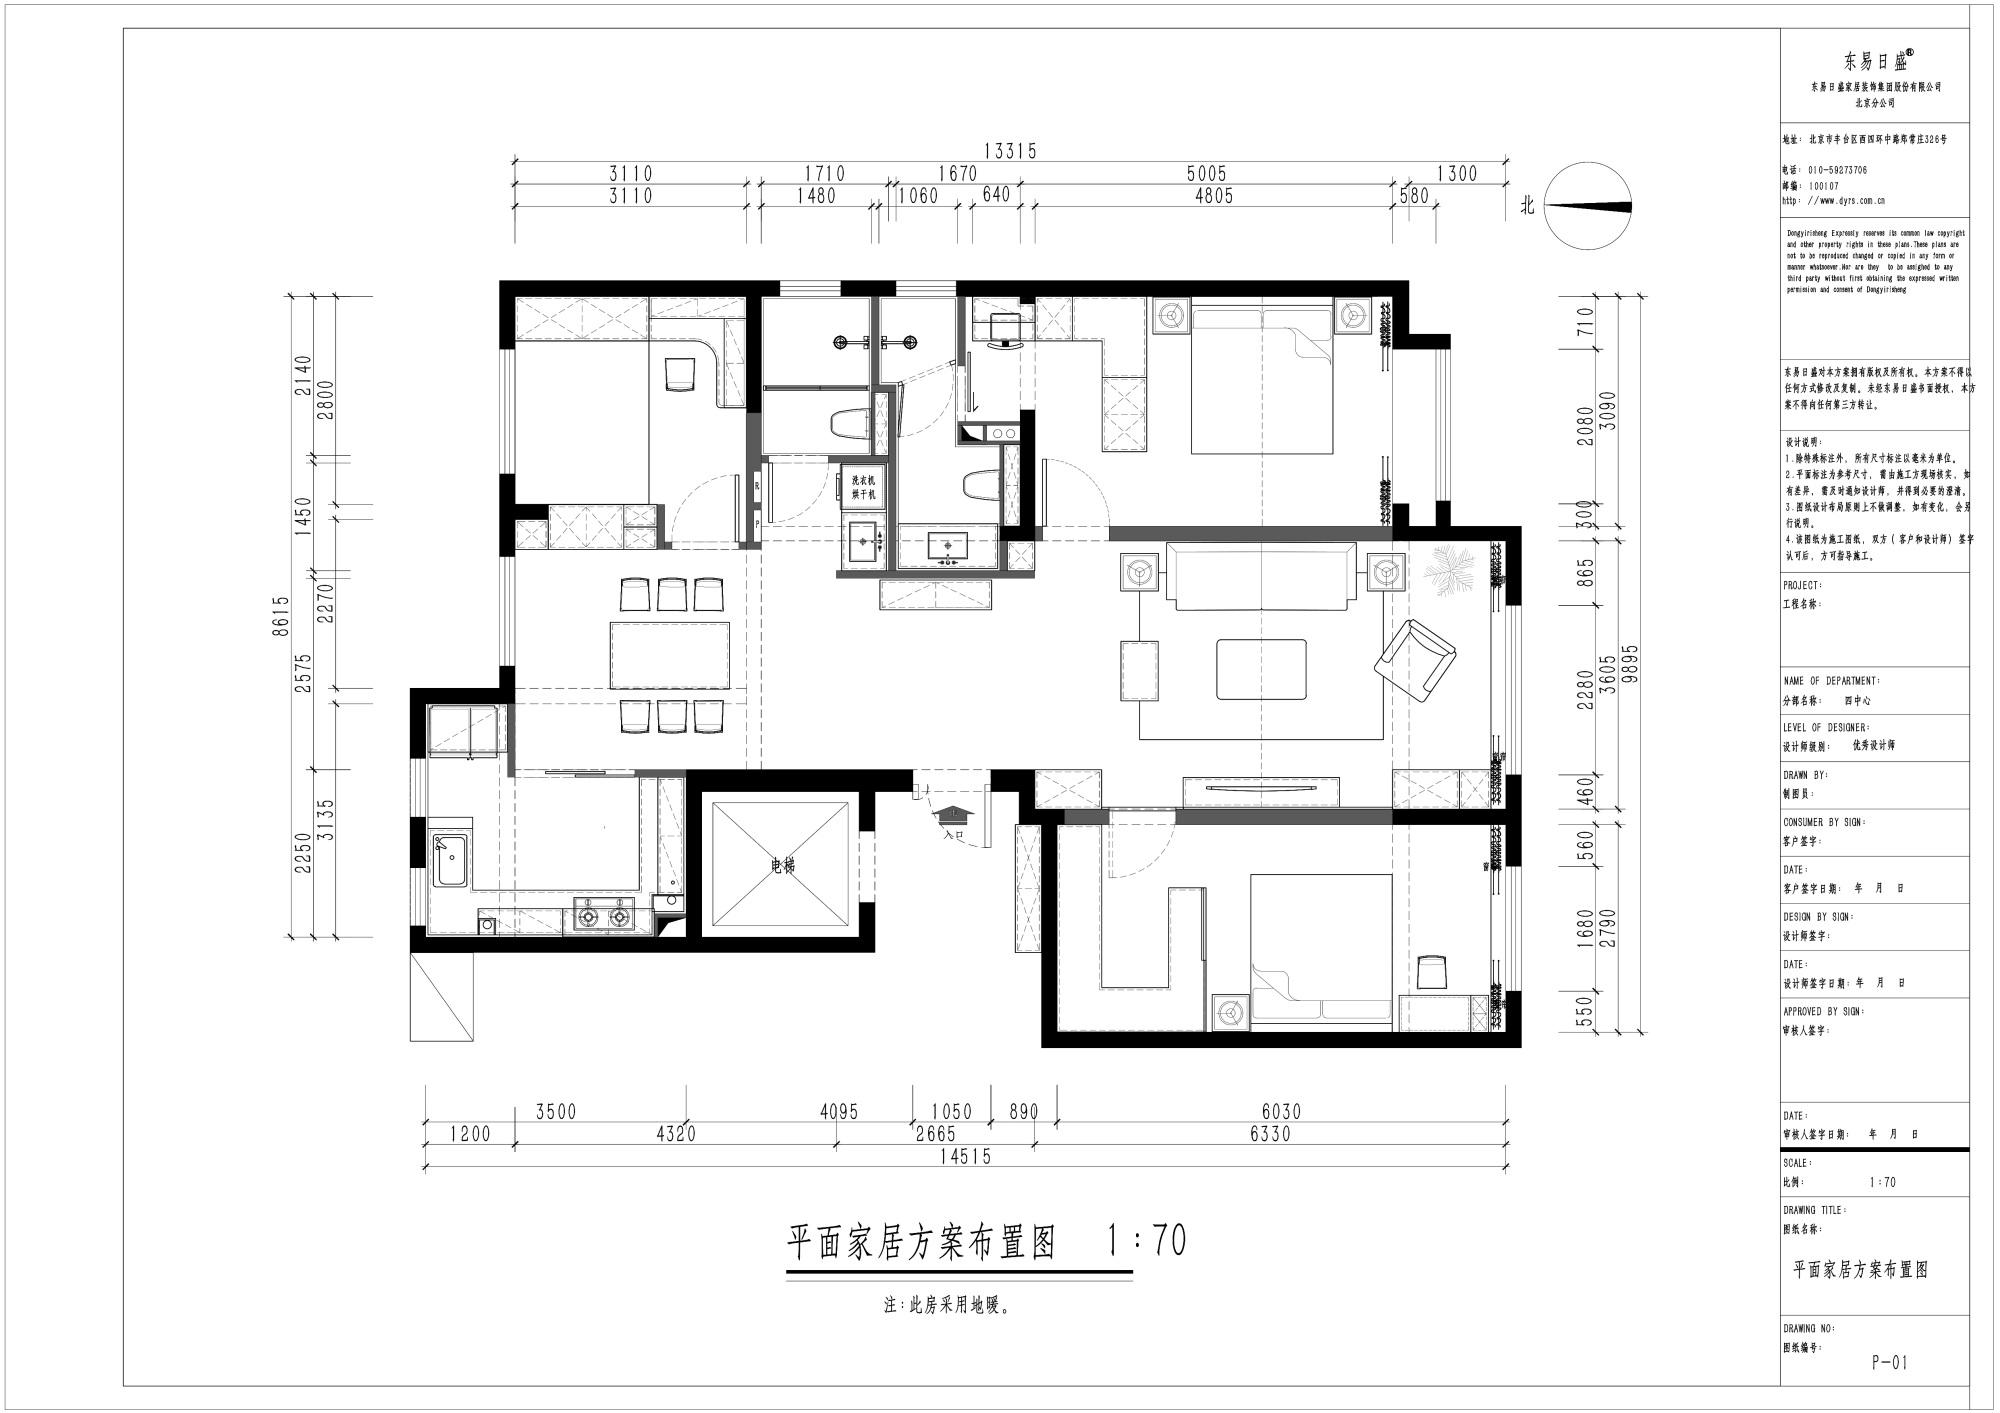 天悦壹号-126平米-简约法式风格装修案例装修设计理念